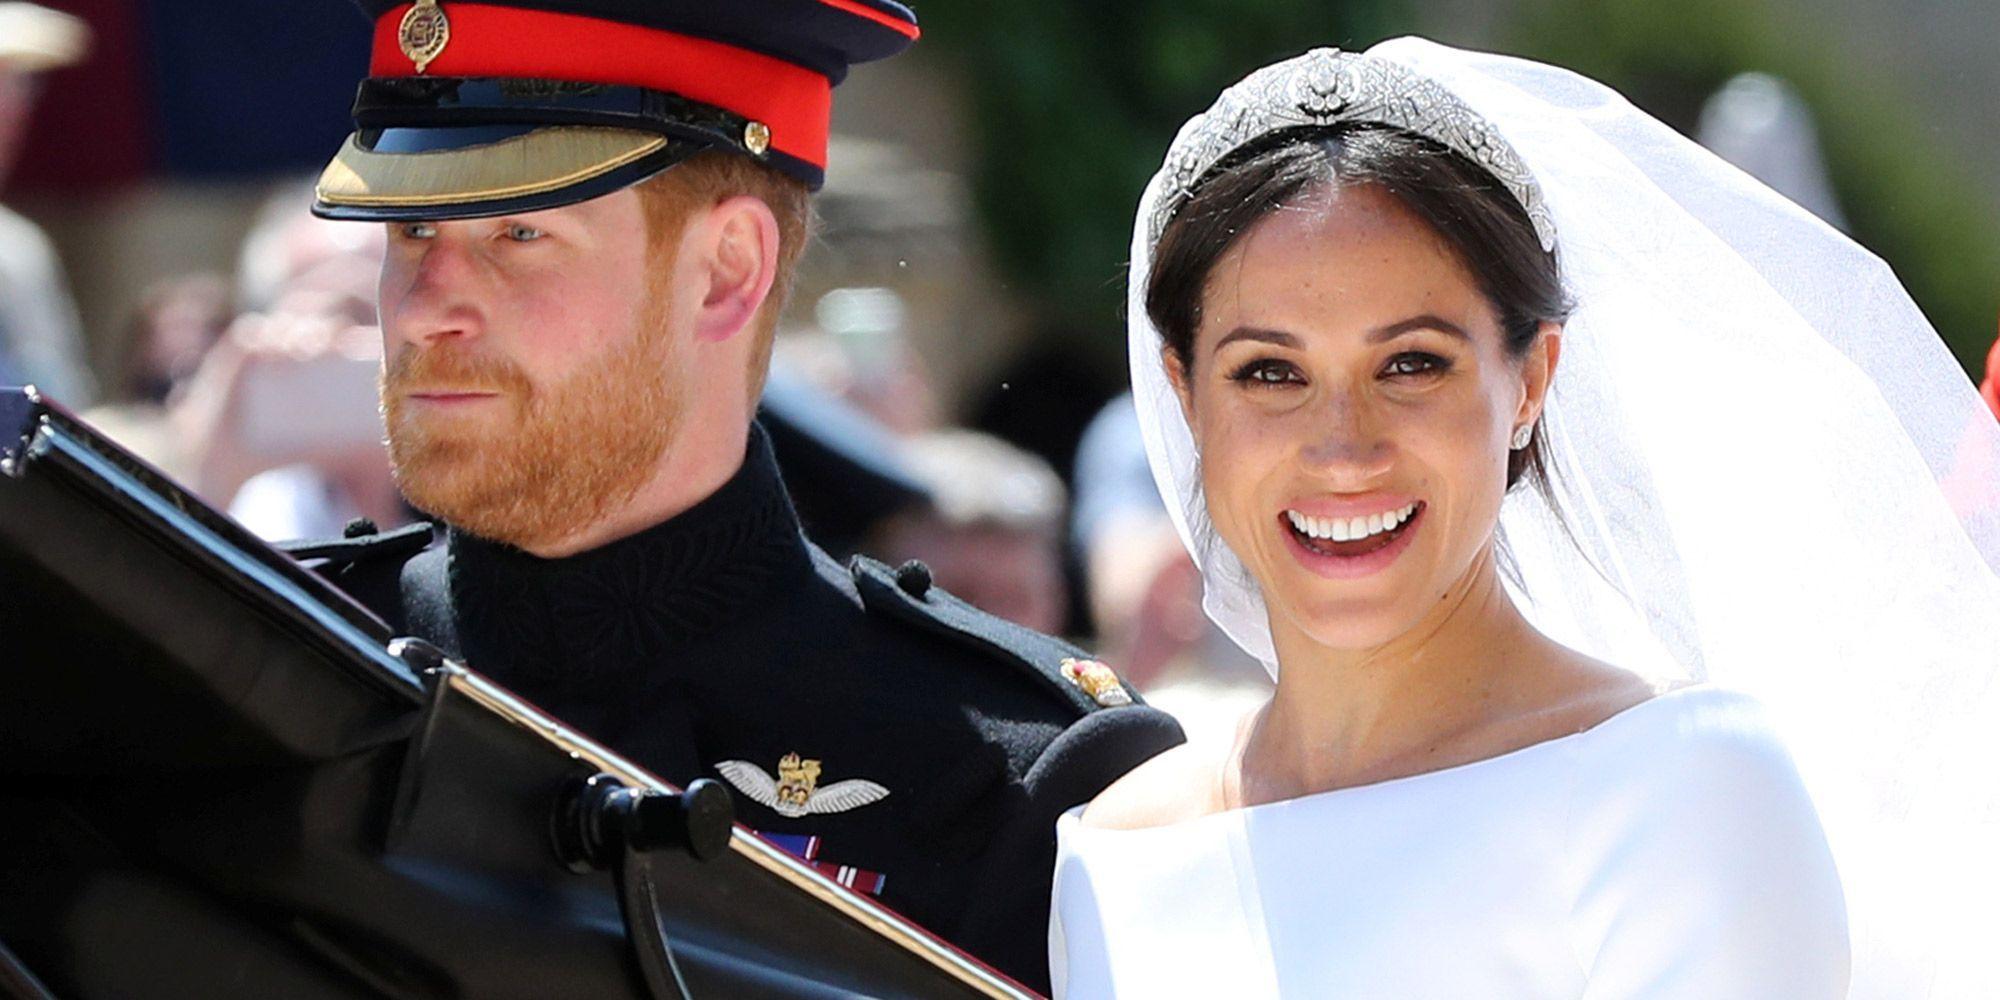 Mariage de Meghan Markle et du Prince Harry le 19 mai 2018